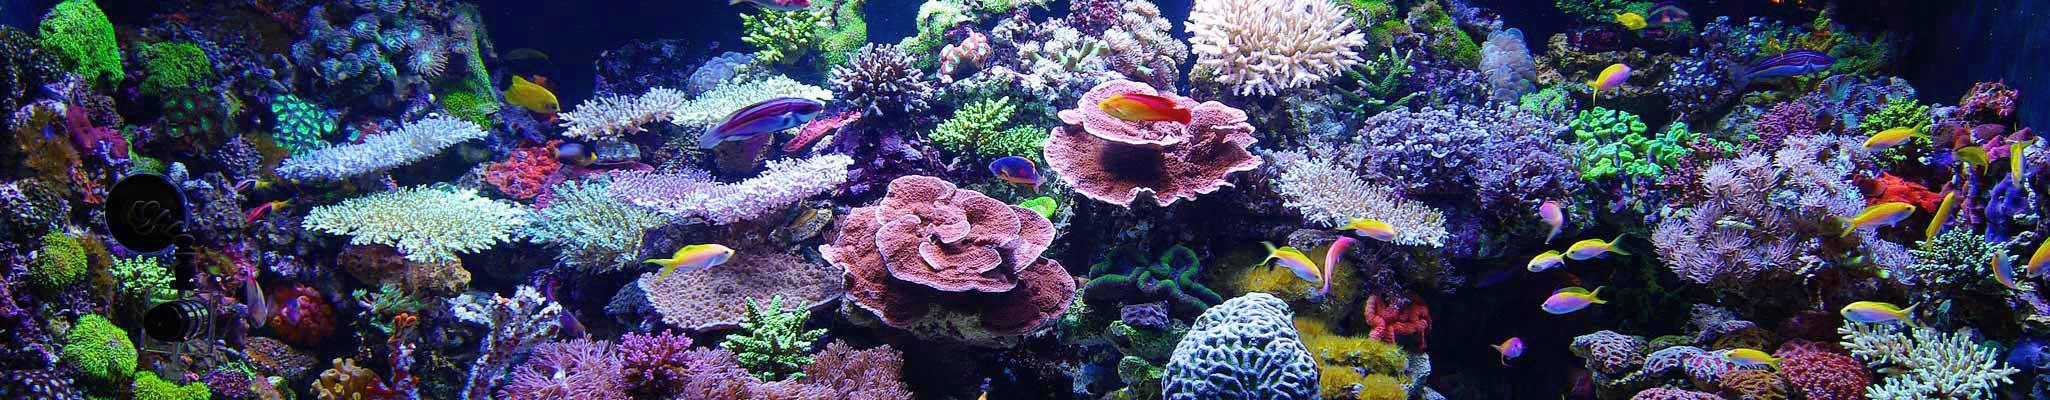 meerwasser aquarium aquaristik center ost aquariumbauer m nchen korallen. Black Bedroom Furniture Sets. Home Design Ideas